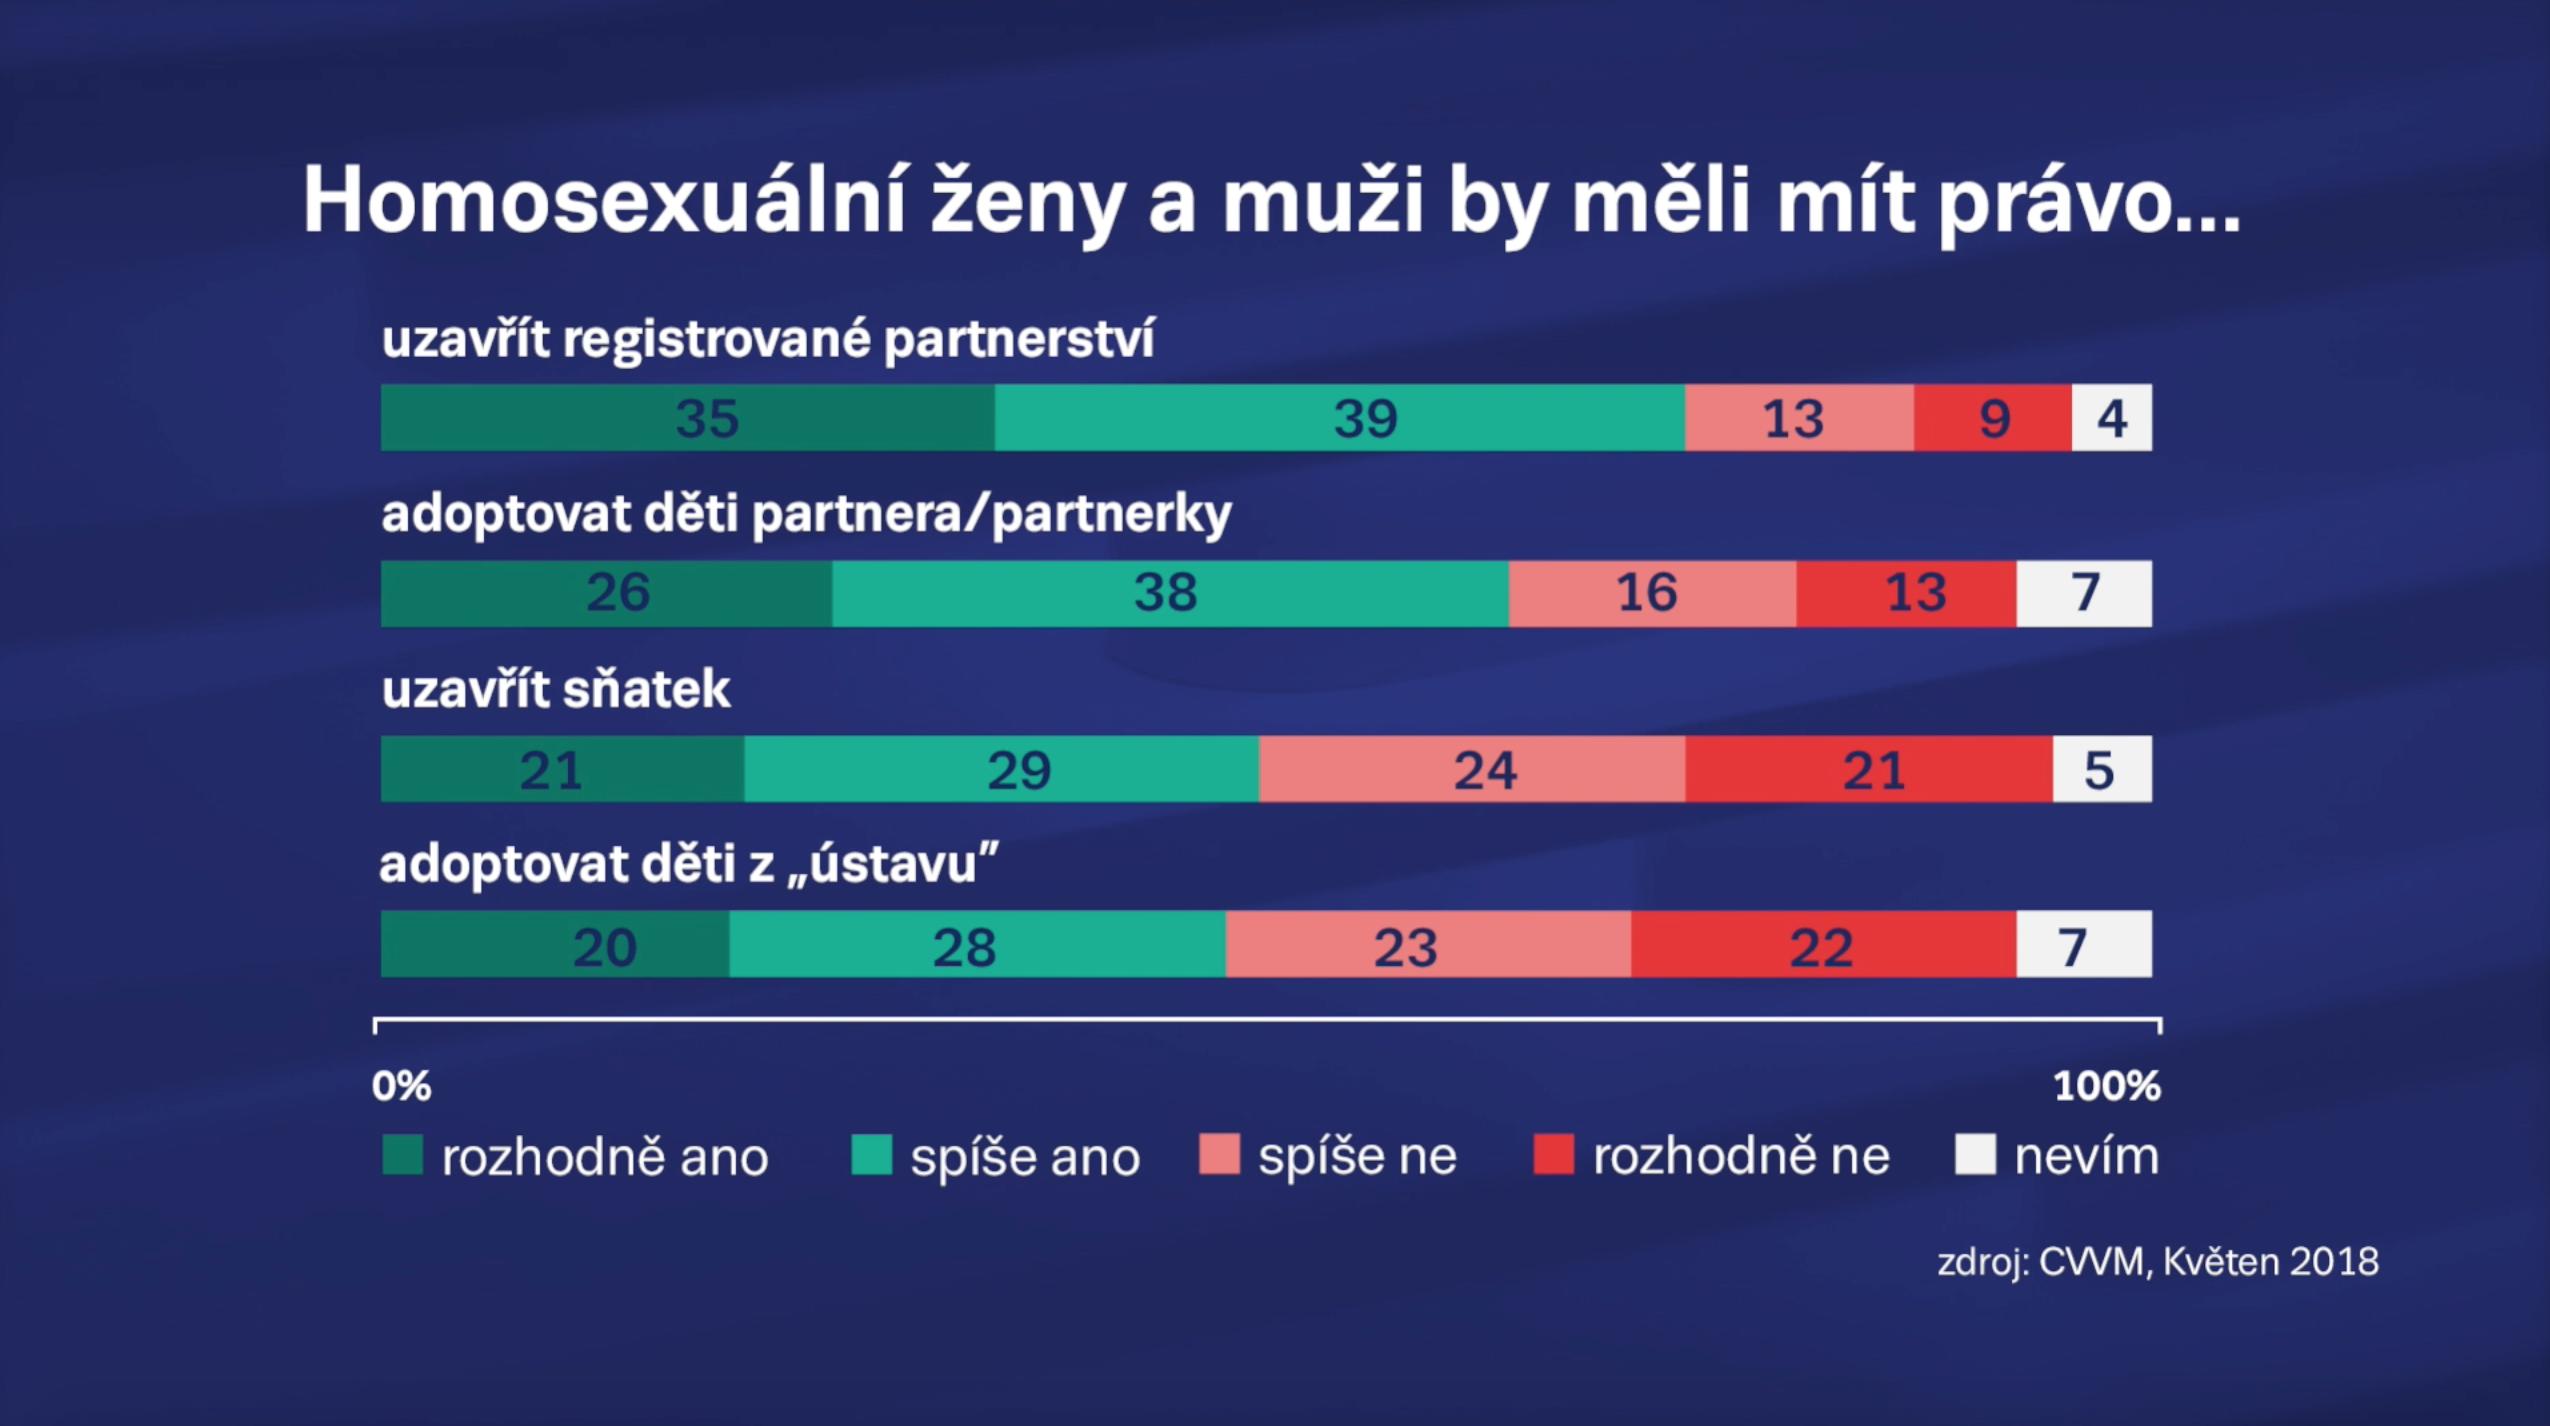 Sexuální hry pro homosexuály